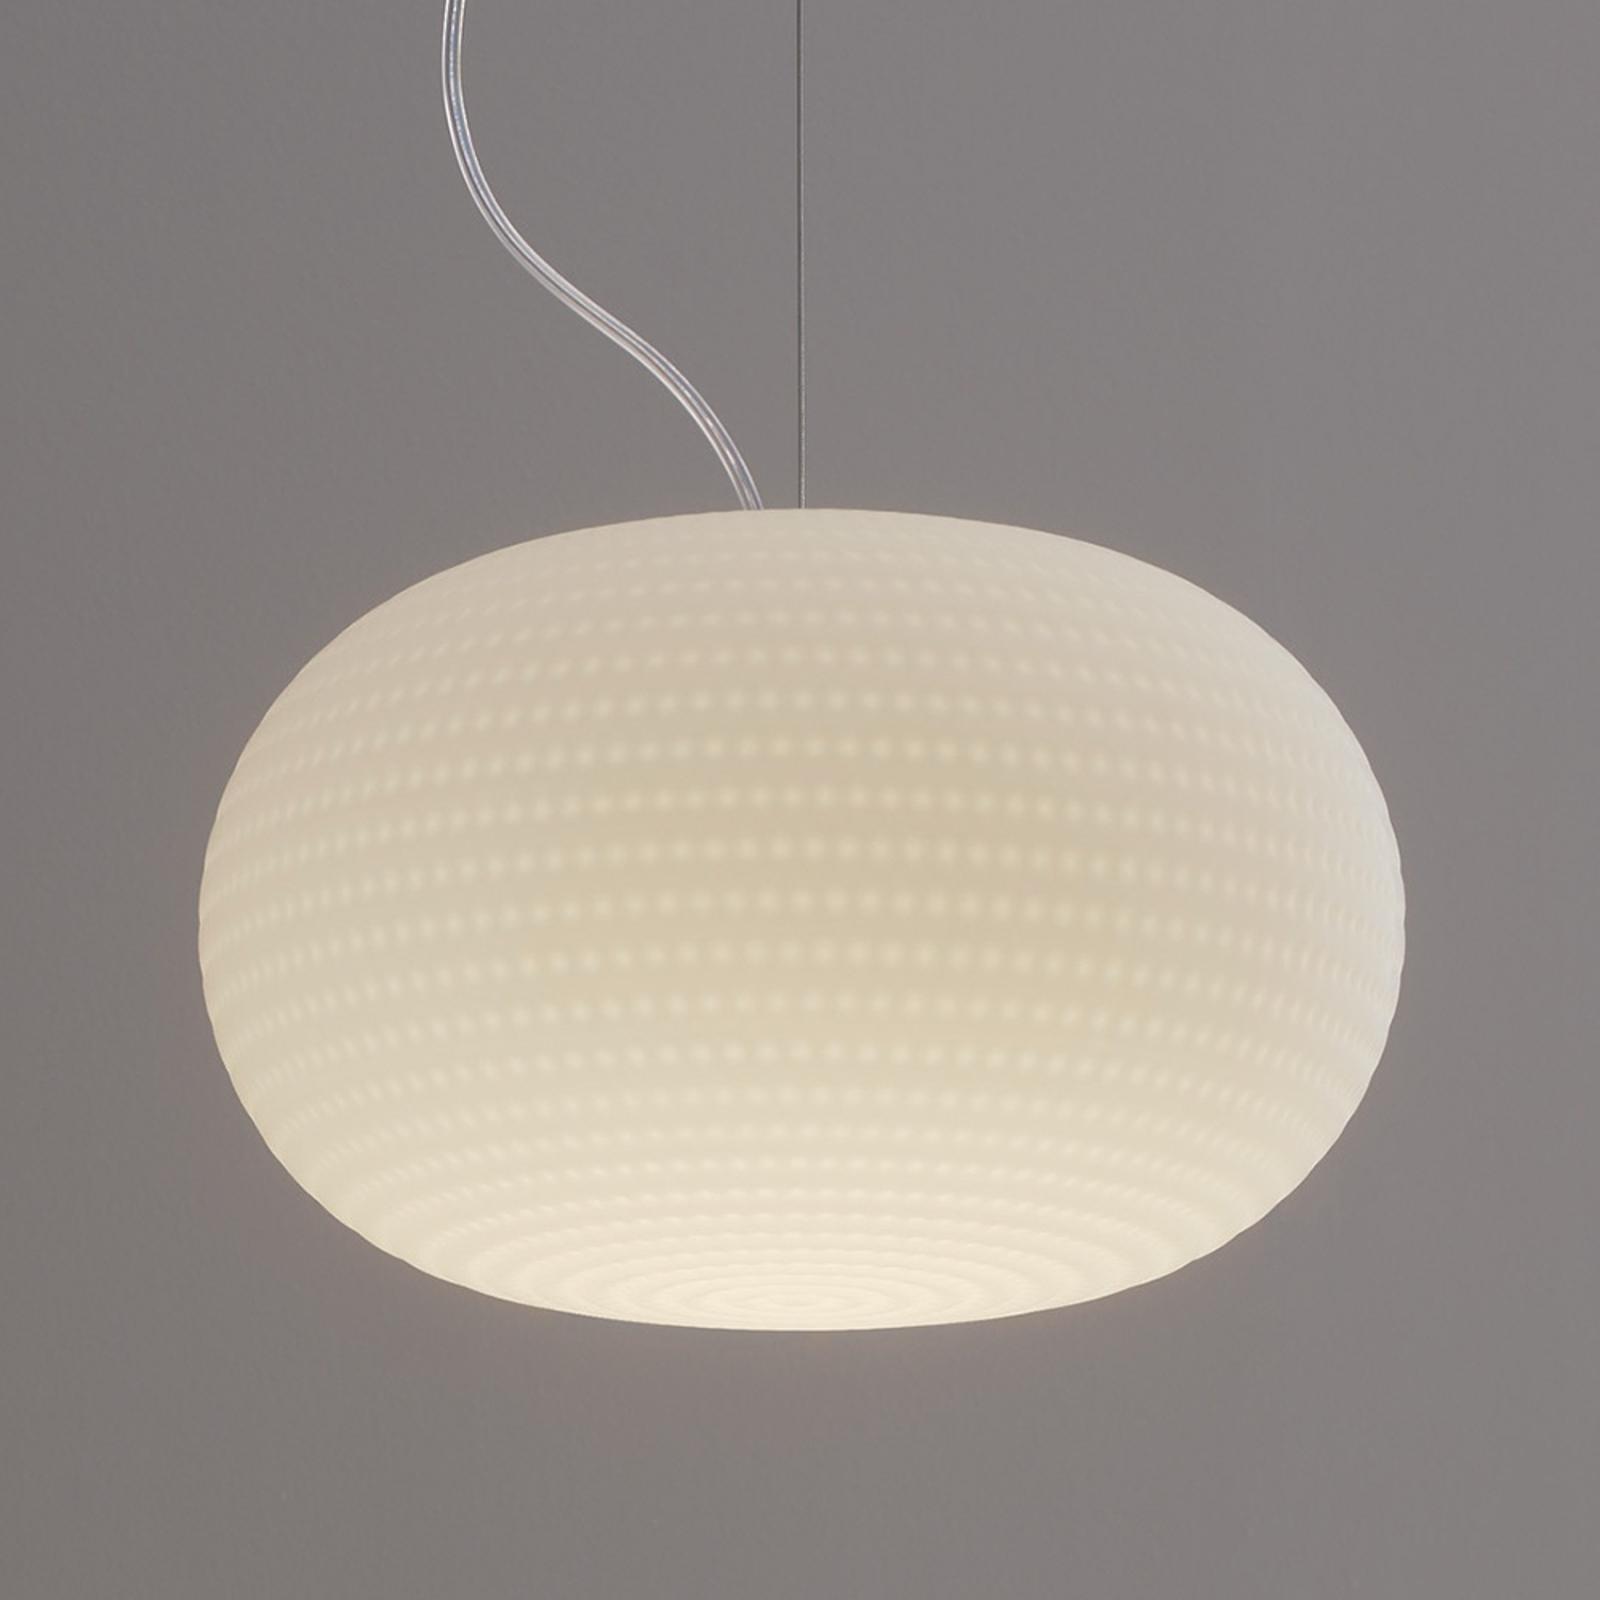 Suspension LED de designer Bianca